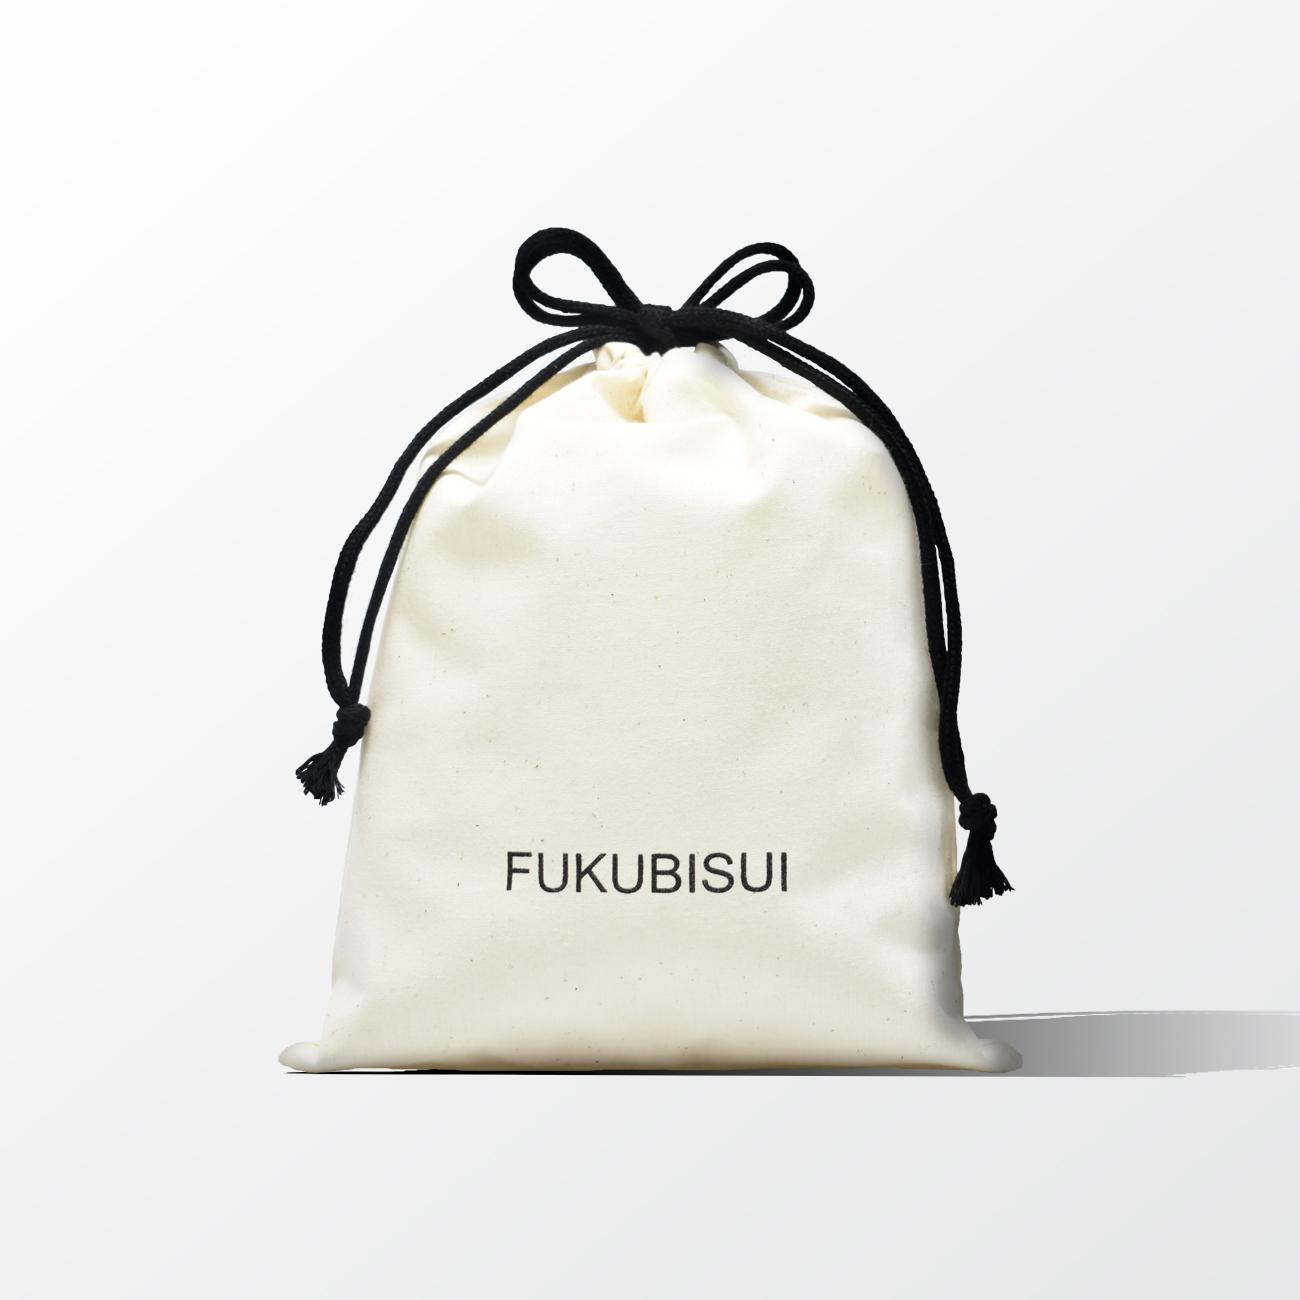 ギフト用 巾着 Mサイズ  (お客様ご自身でお包み頂く資材です。)